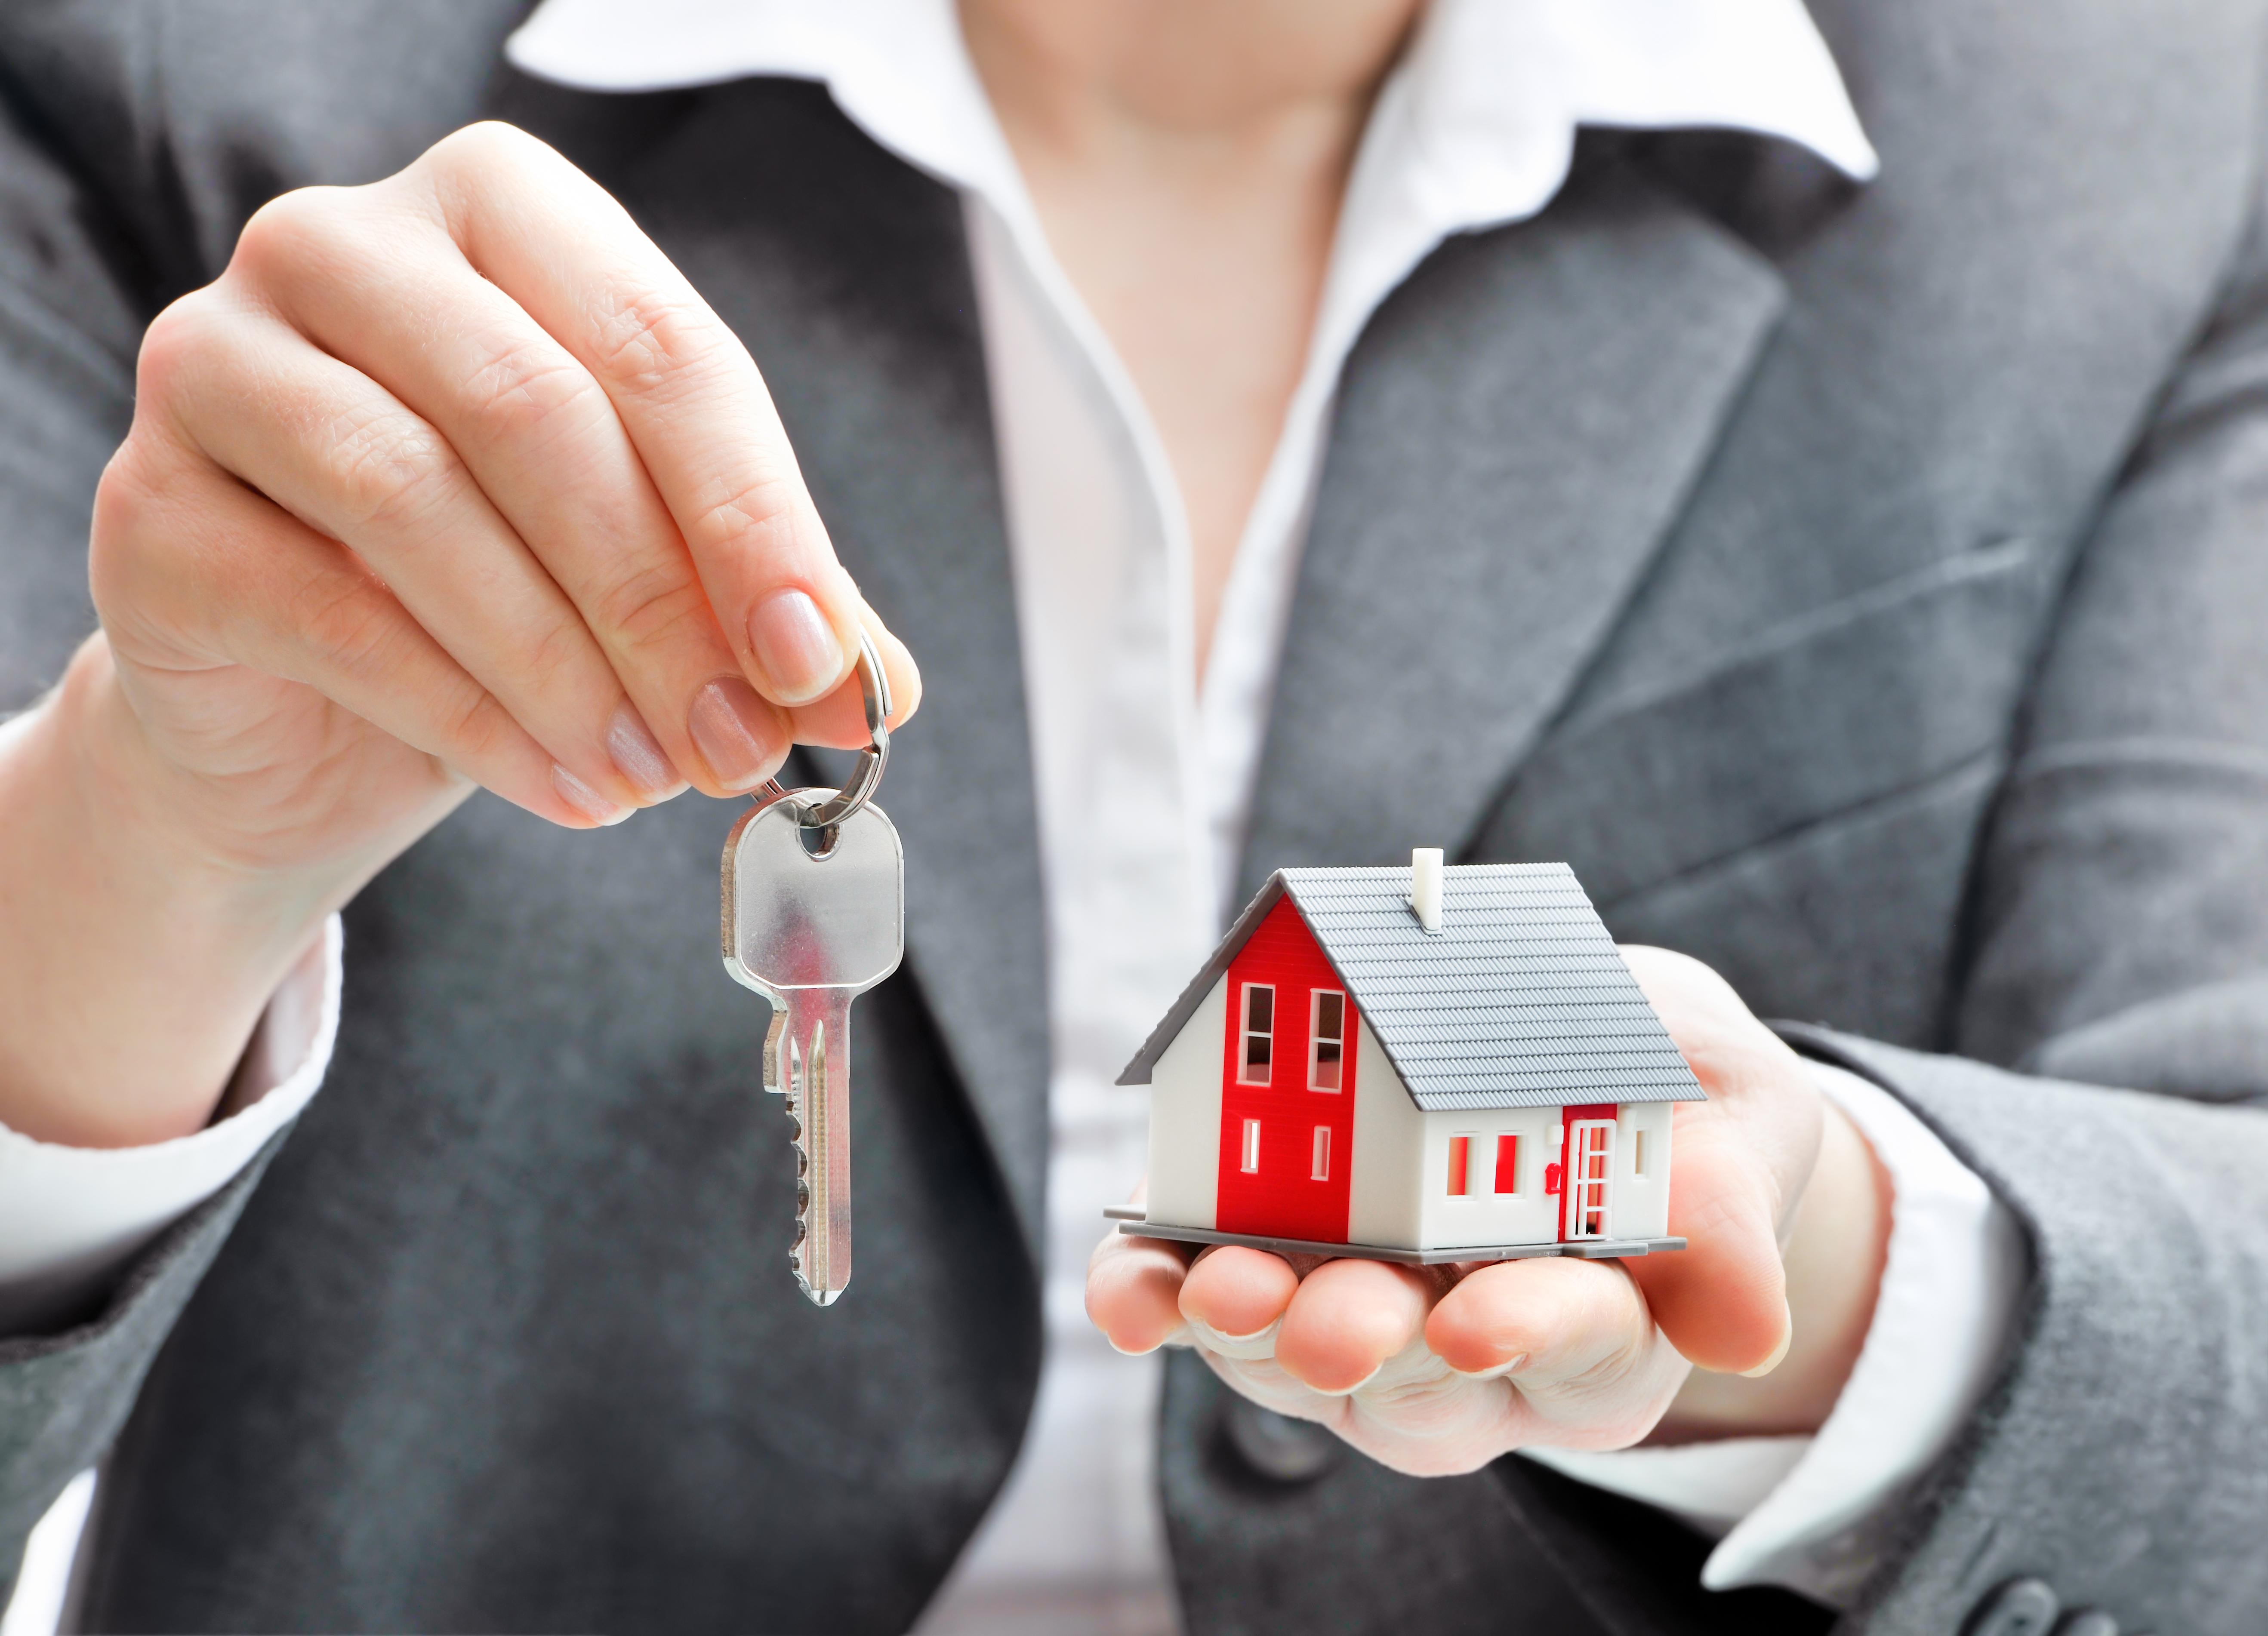 Операции с недвижимостью, как хорошая бизнес-идея